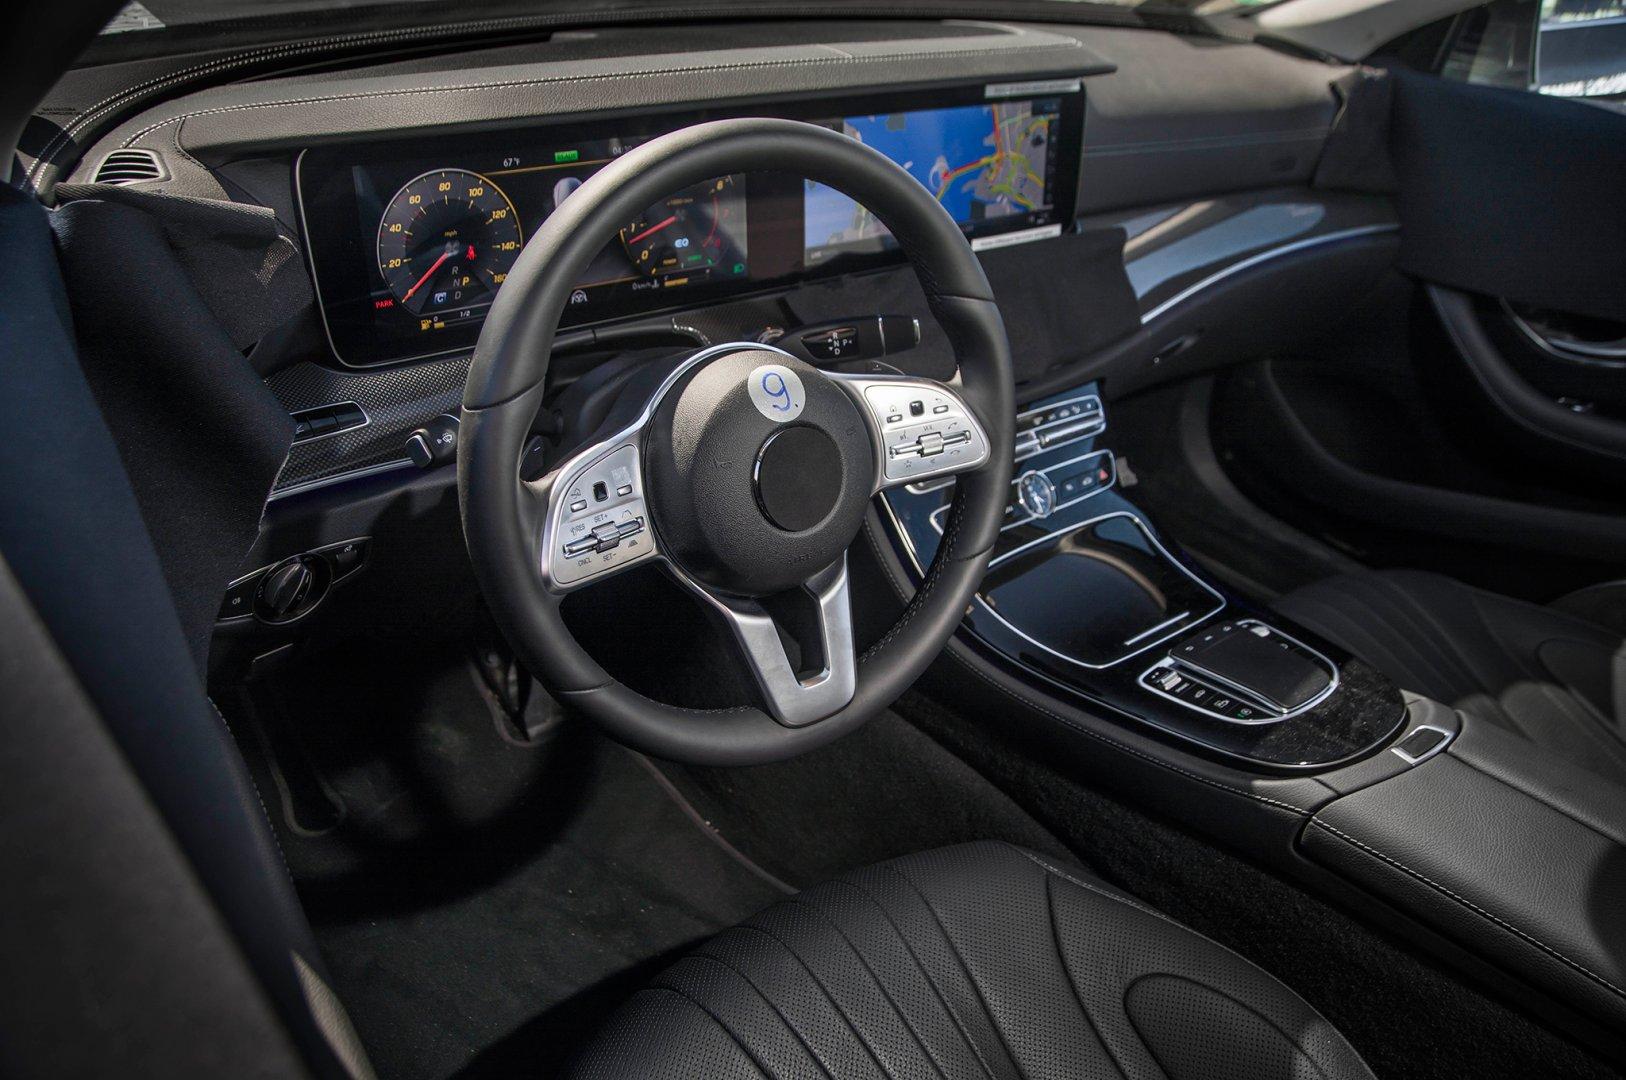 2019-Mercedes-Benz-CLS-Prototype-steering-wheel (1).jpg